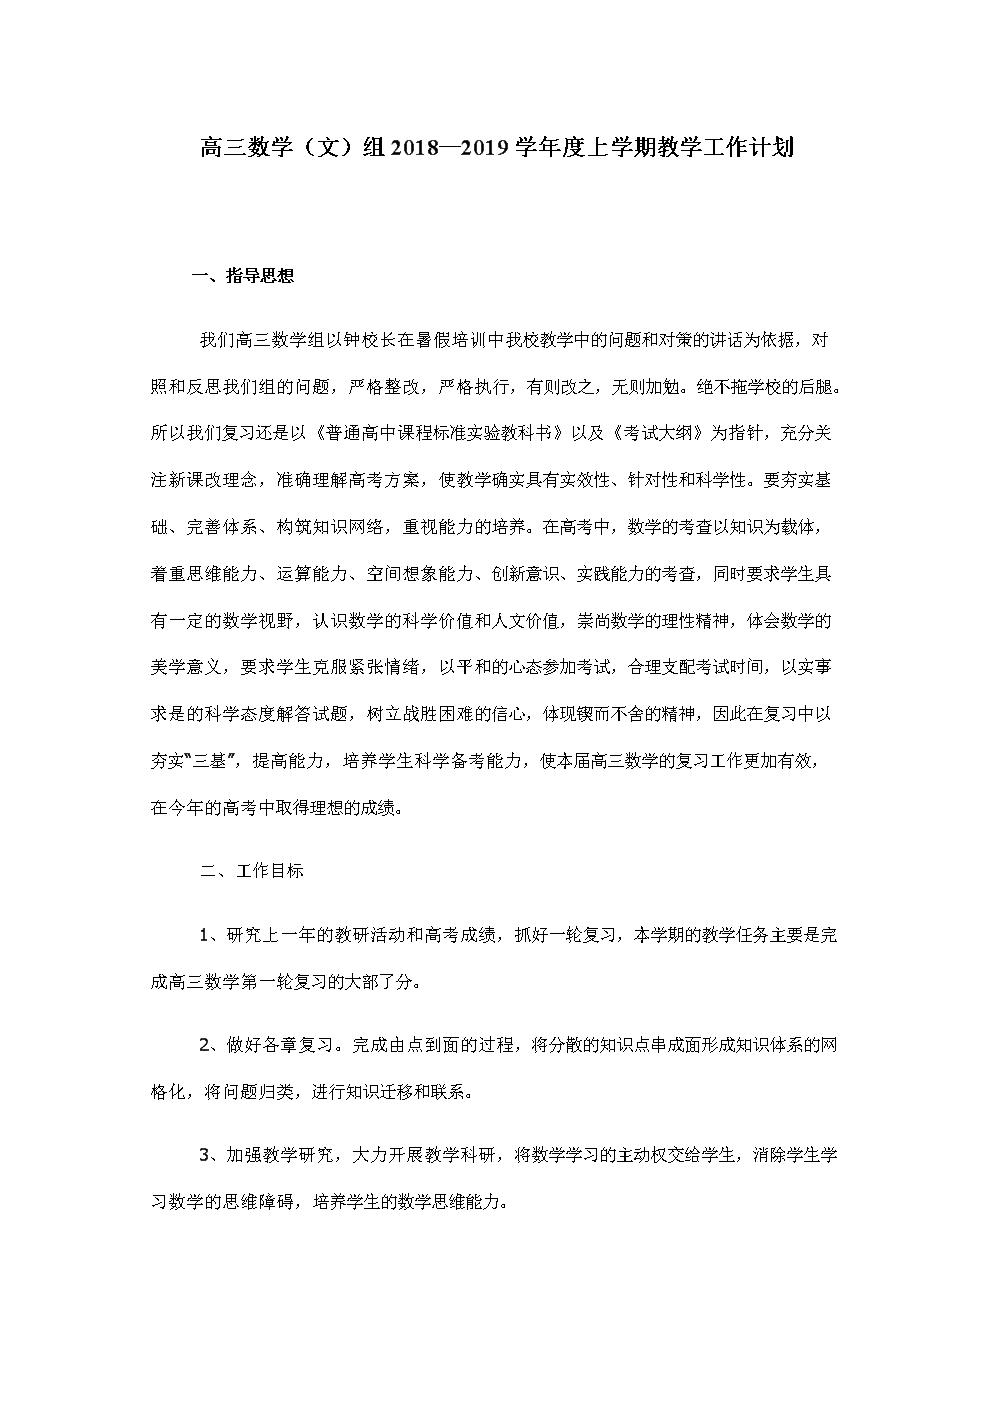 2019学年度高三上学期教学计划(文科组).docx